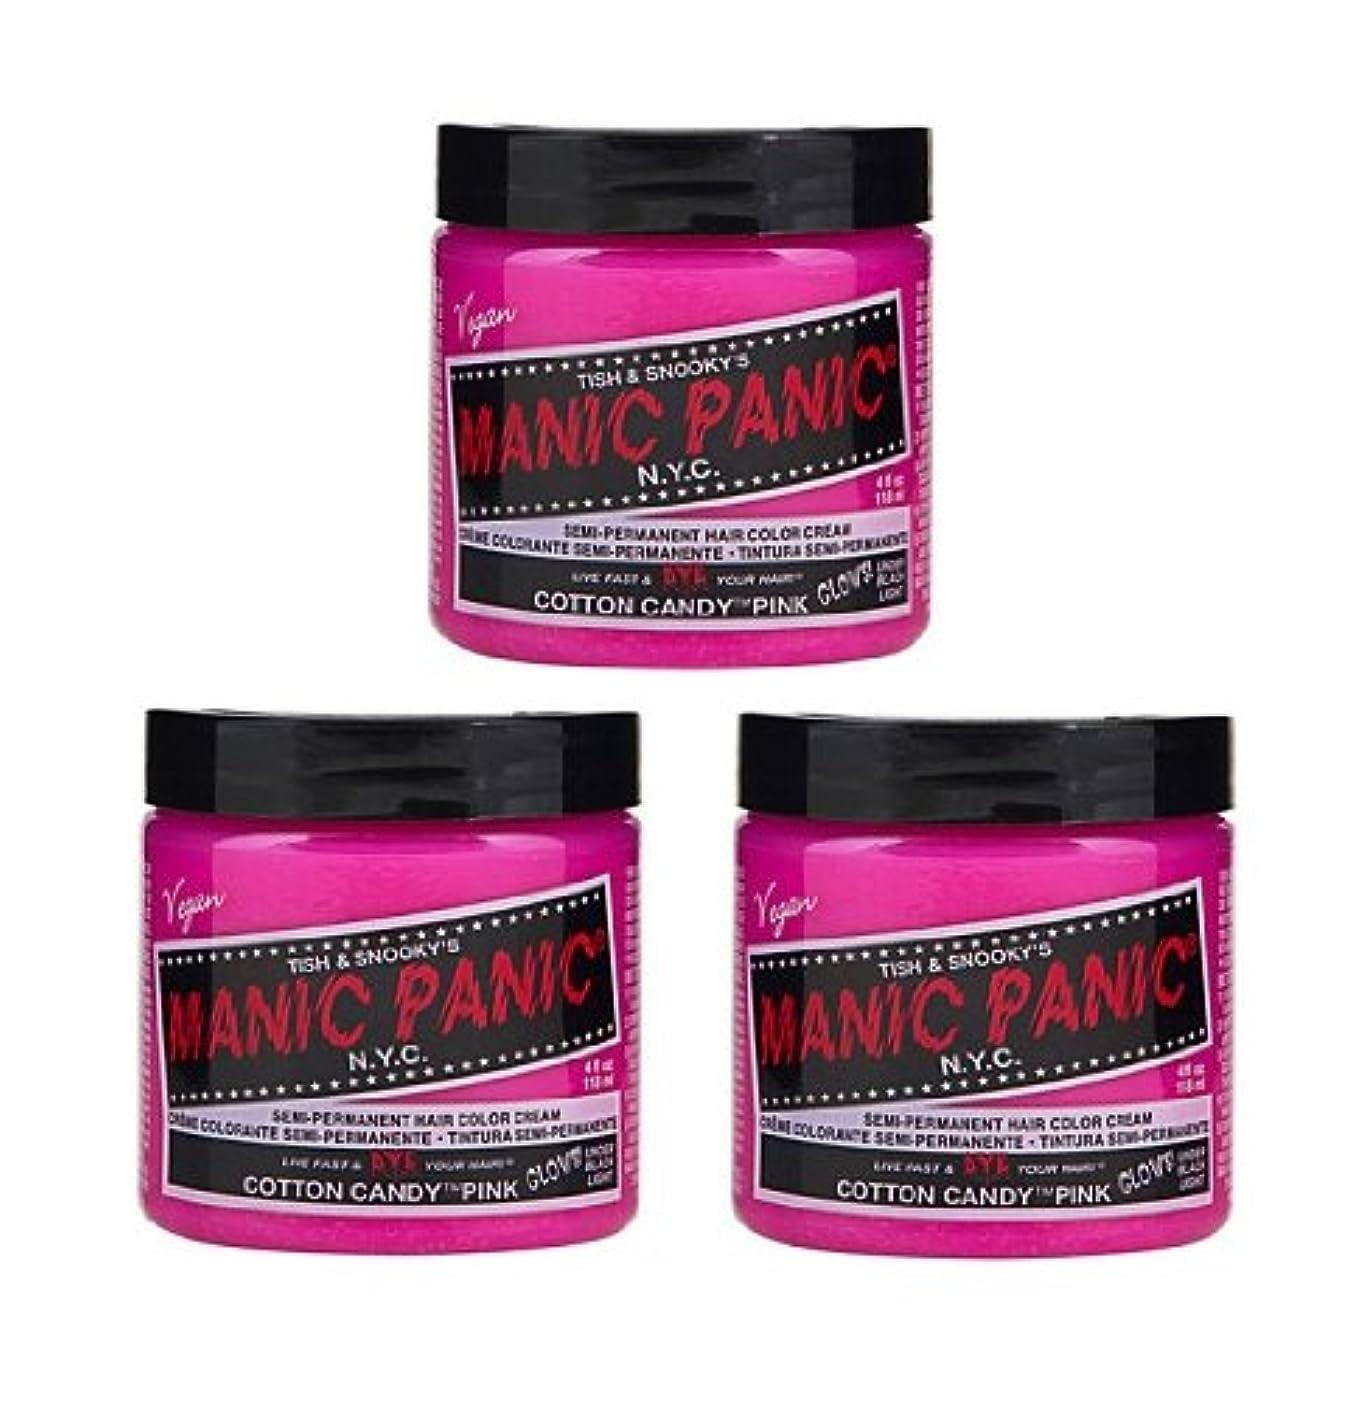 【3個セット】MANIC PANIC マニックパニック Cotton Candy Pink コットン?キャンディー?ピンク 118ml